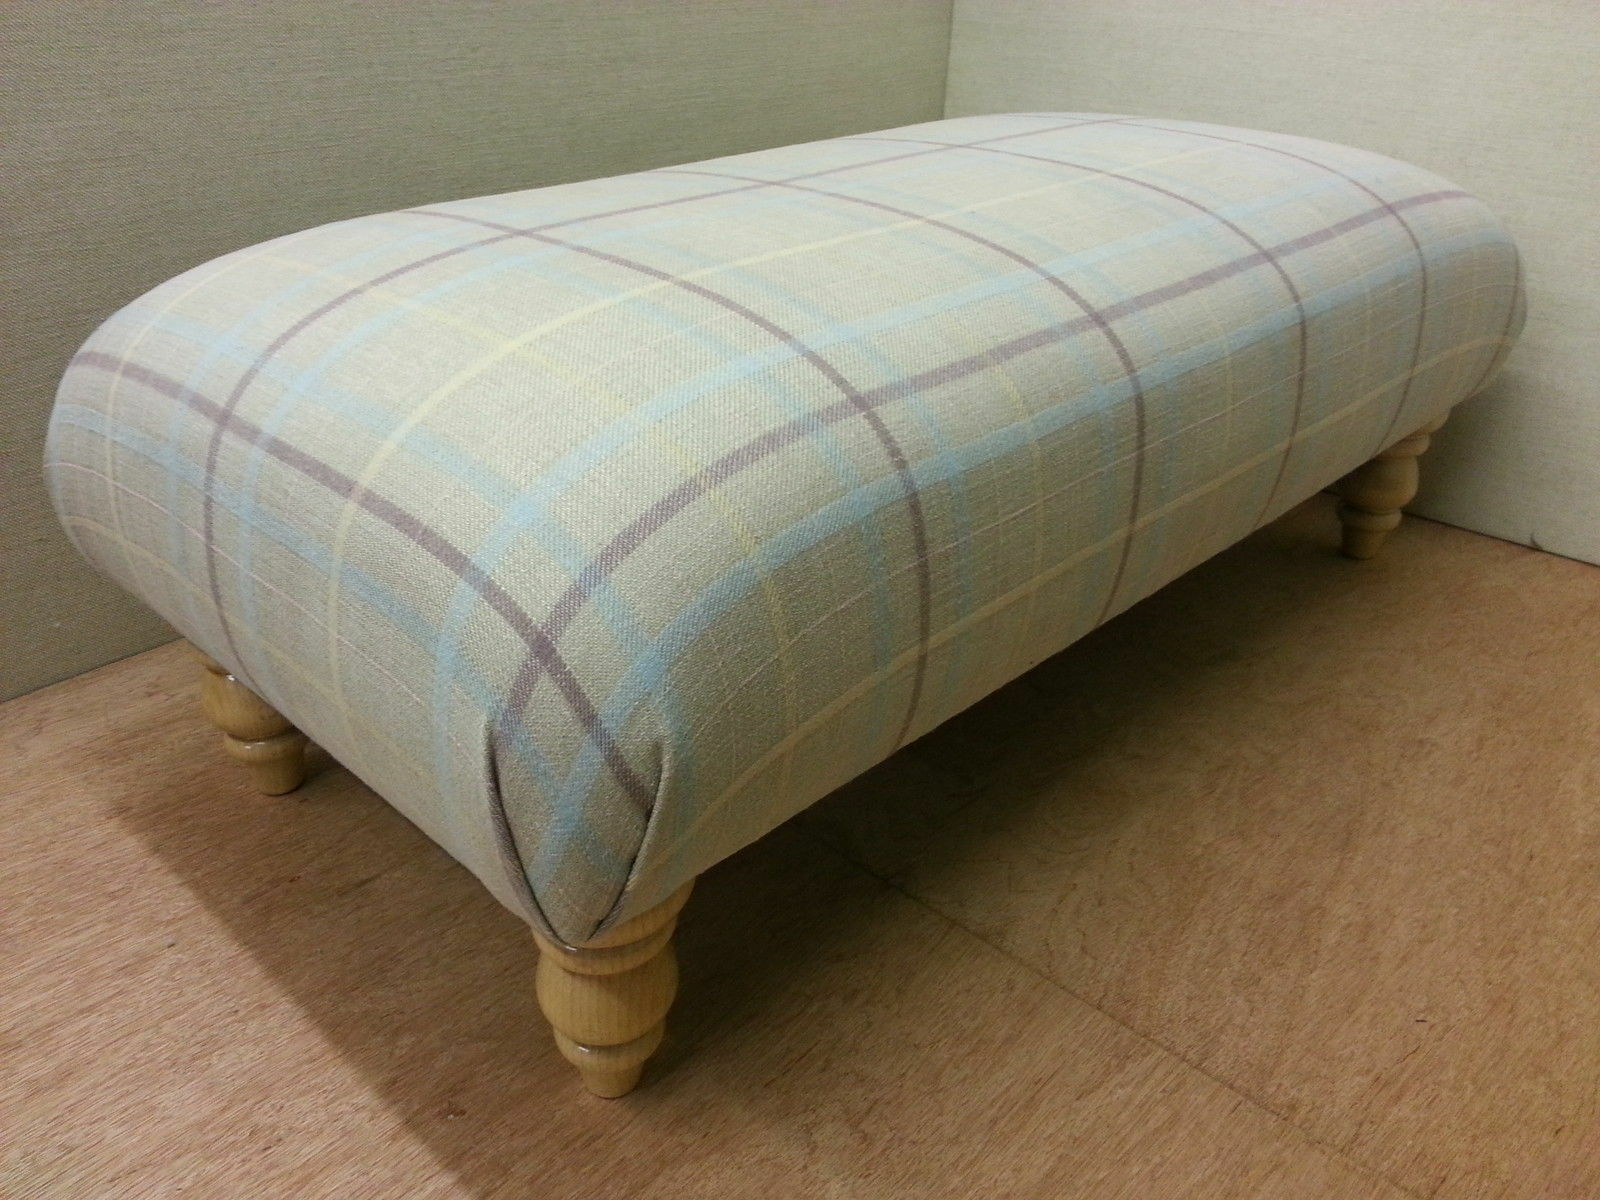 New Luxury Handmade Footstool   Table - Laura Ashley Keynes Fabrics. 5 Colours